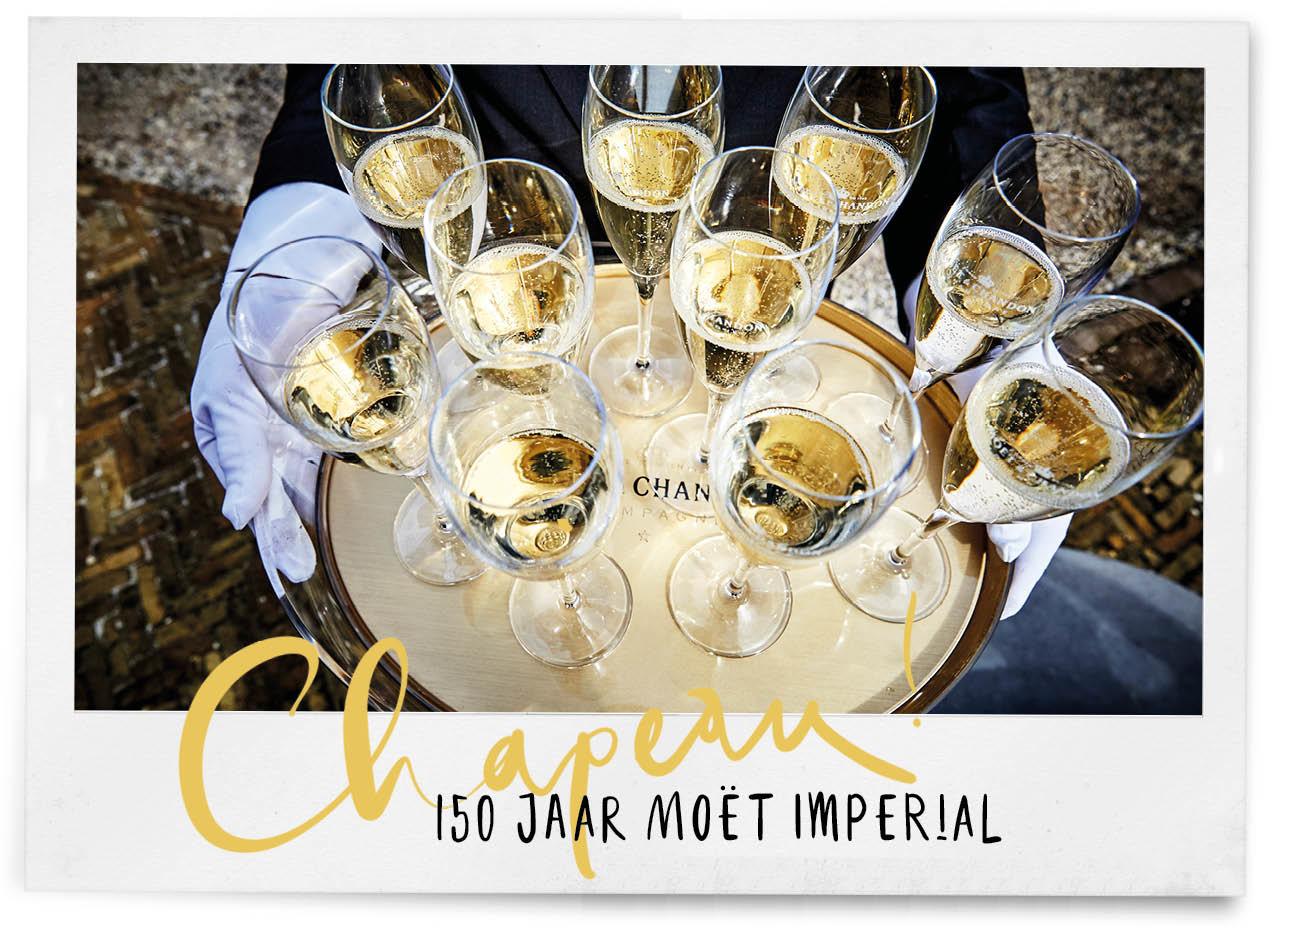 moet-imperial-150jaar champagne op een dienblad